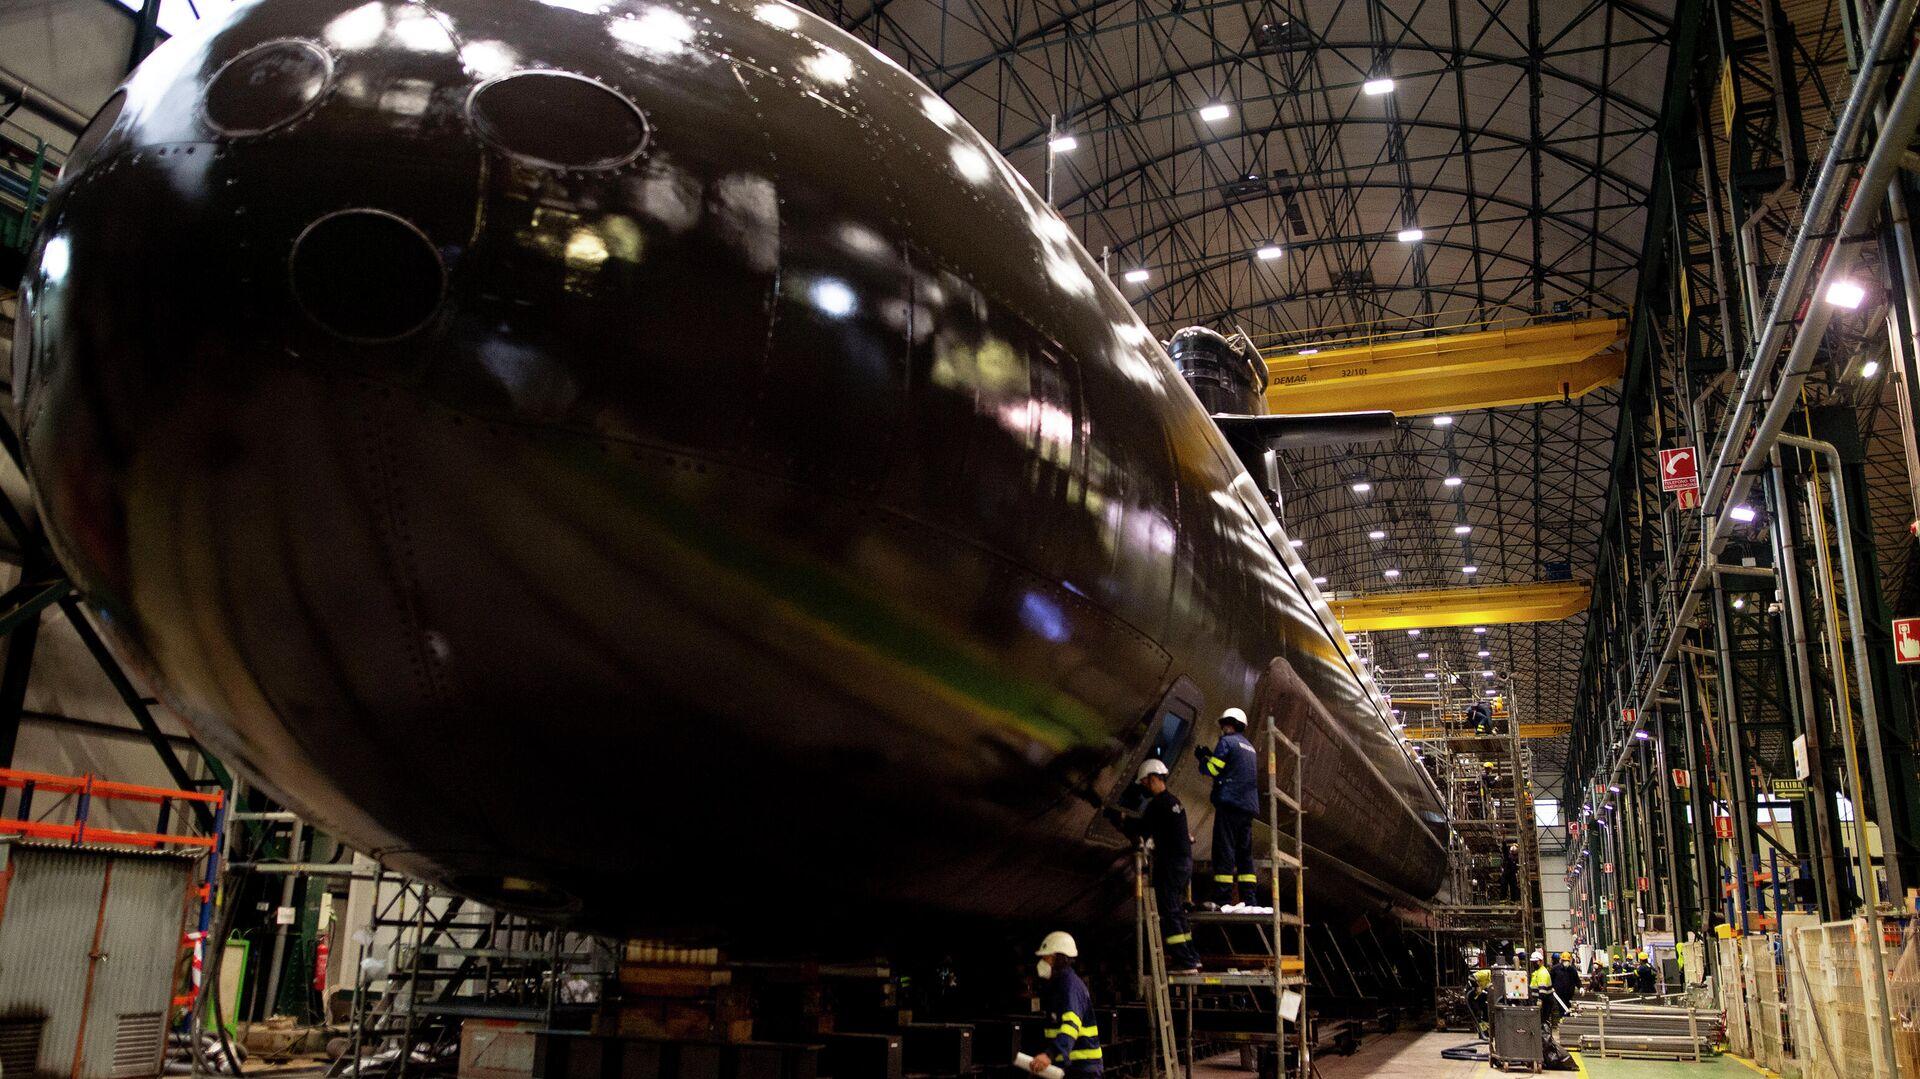 El submarino S-81 Isaac Peral en el taller en el que se ha construido - Sputnik Mundo, 1920, 22.04.2021